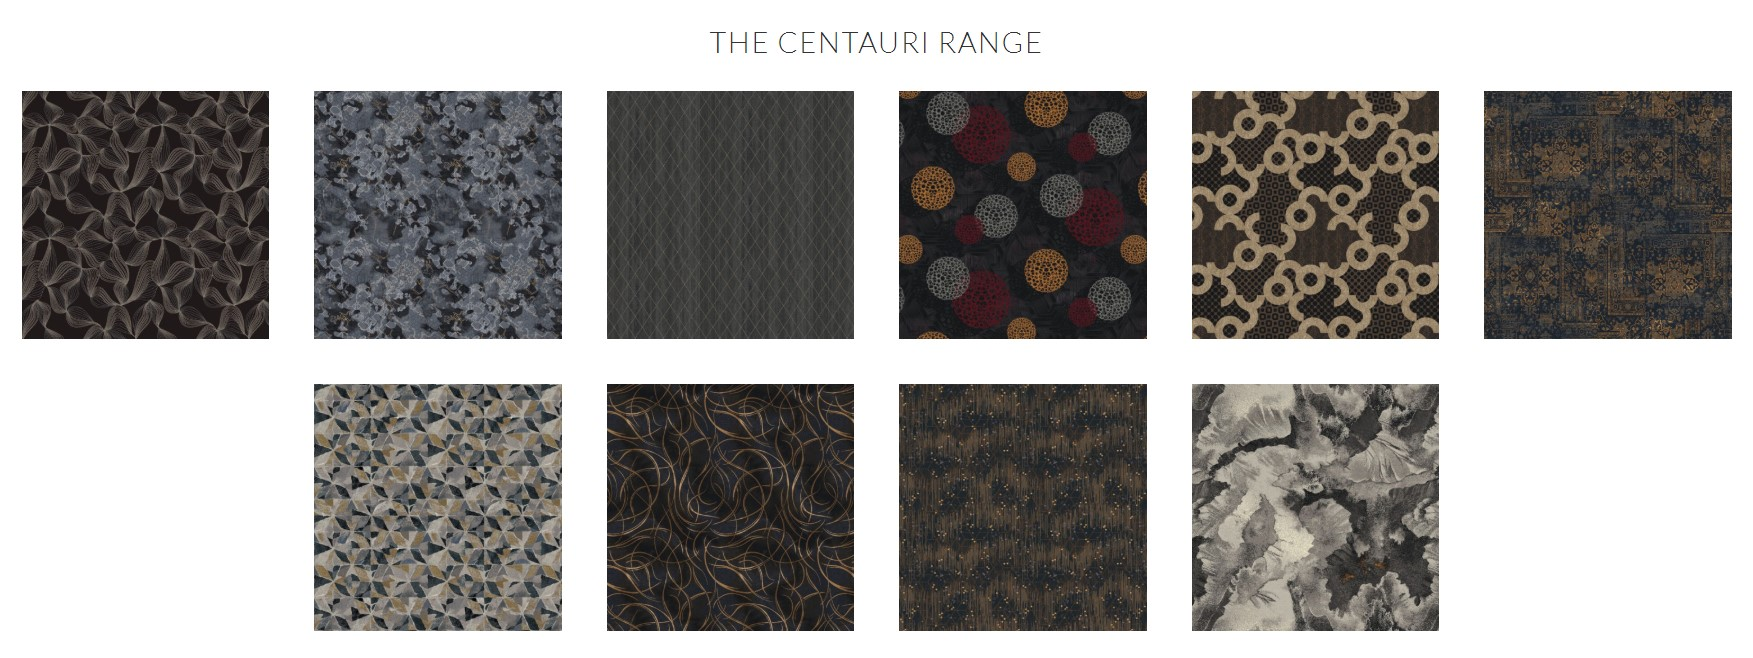 Centauri Range.jpg